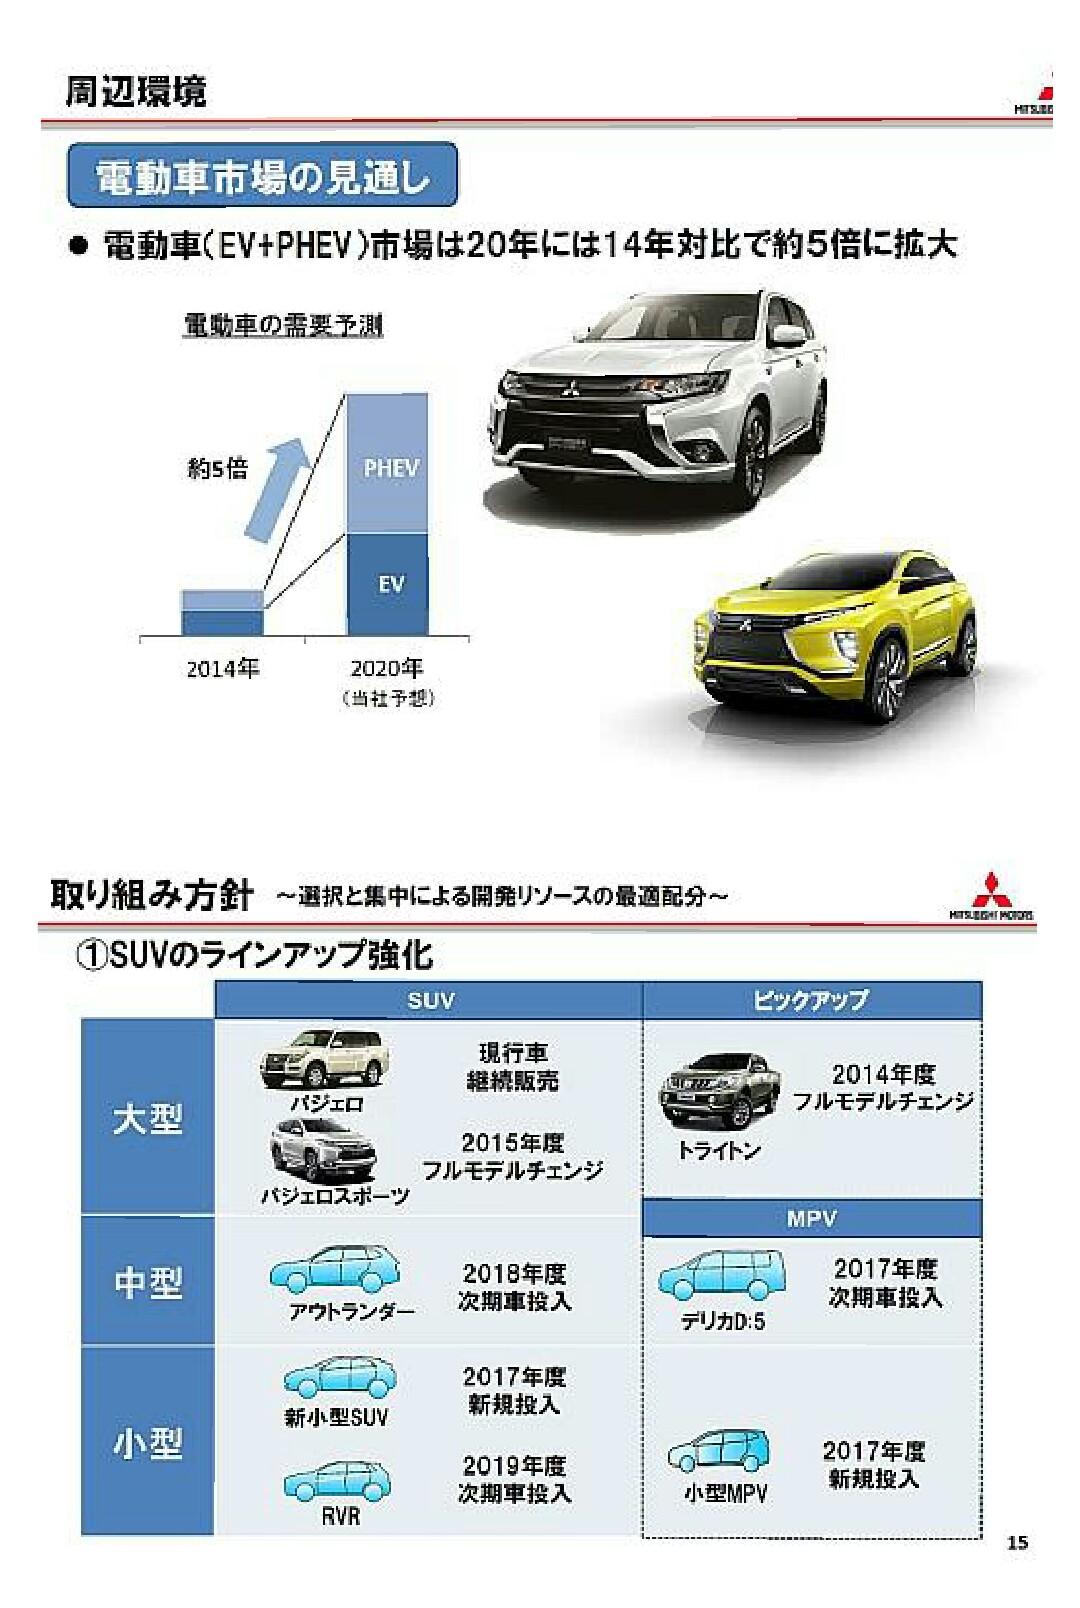 三菱自動車グローバル 中期計画